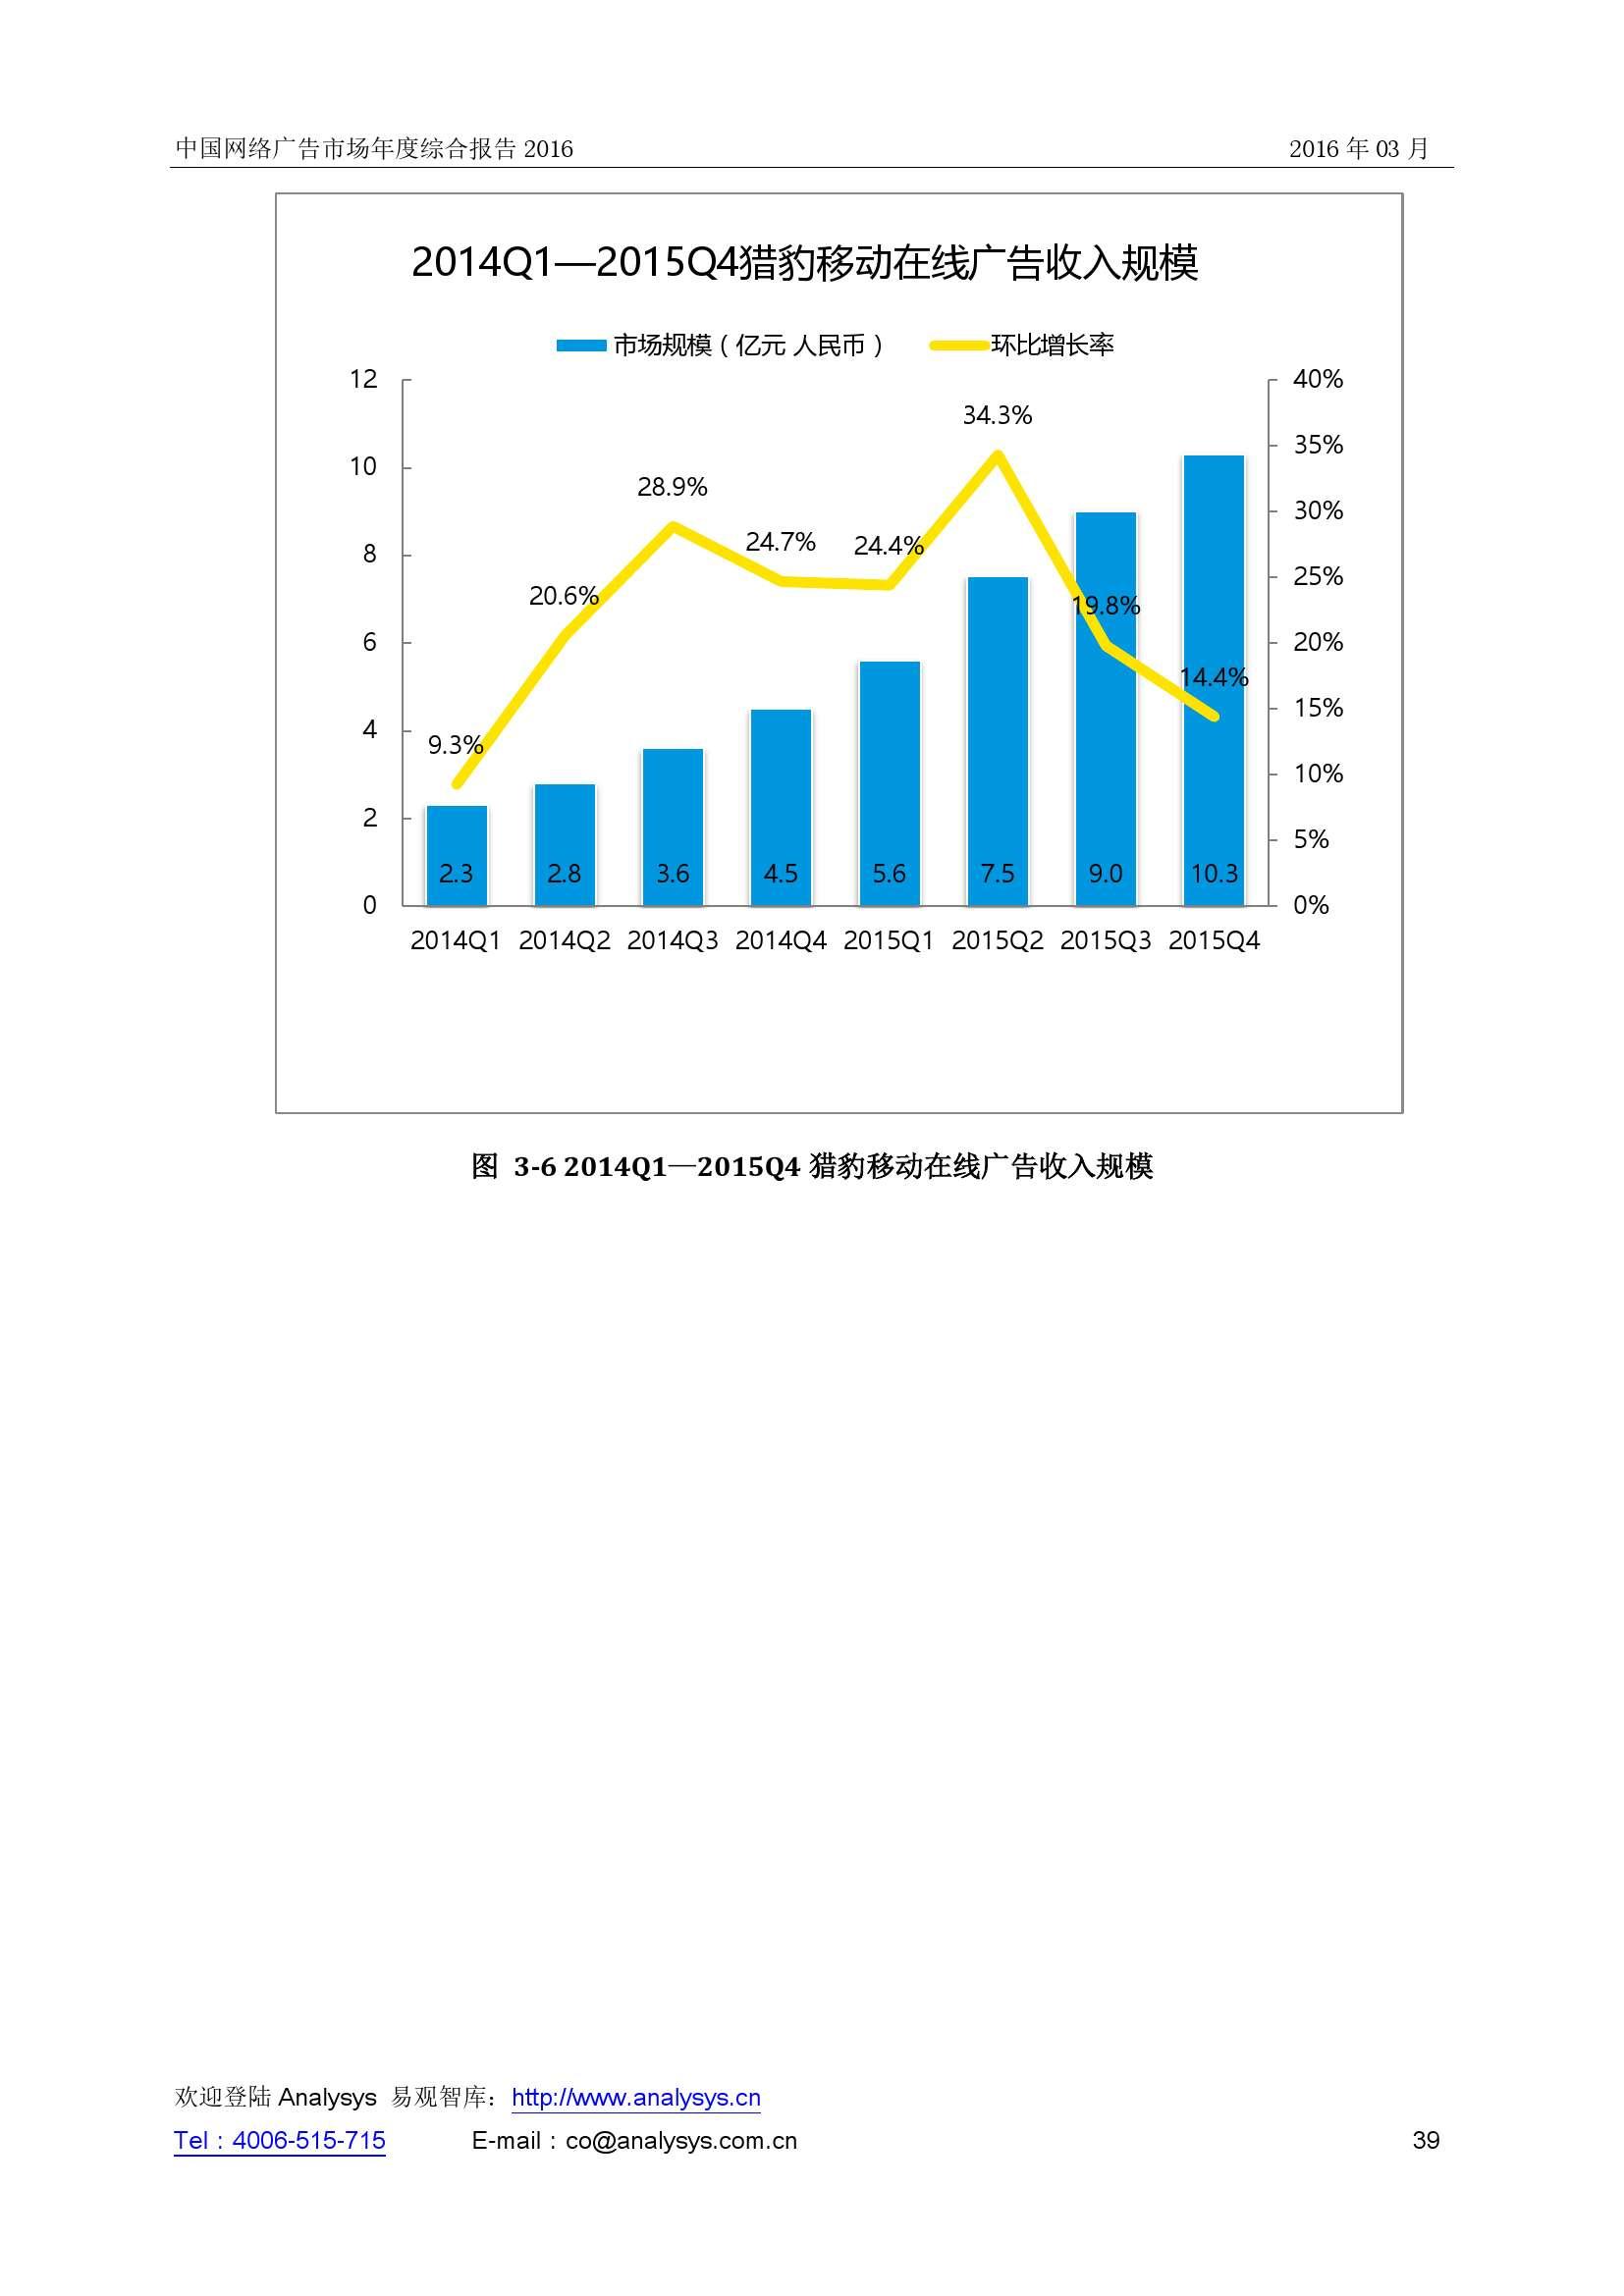 中国网络广告市场年度综合报告2016_000039